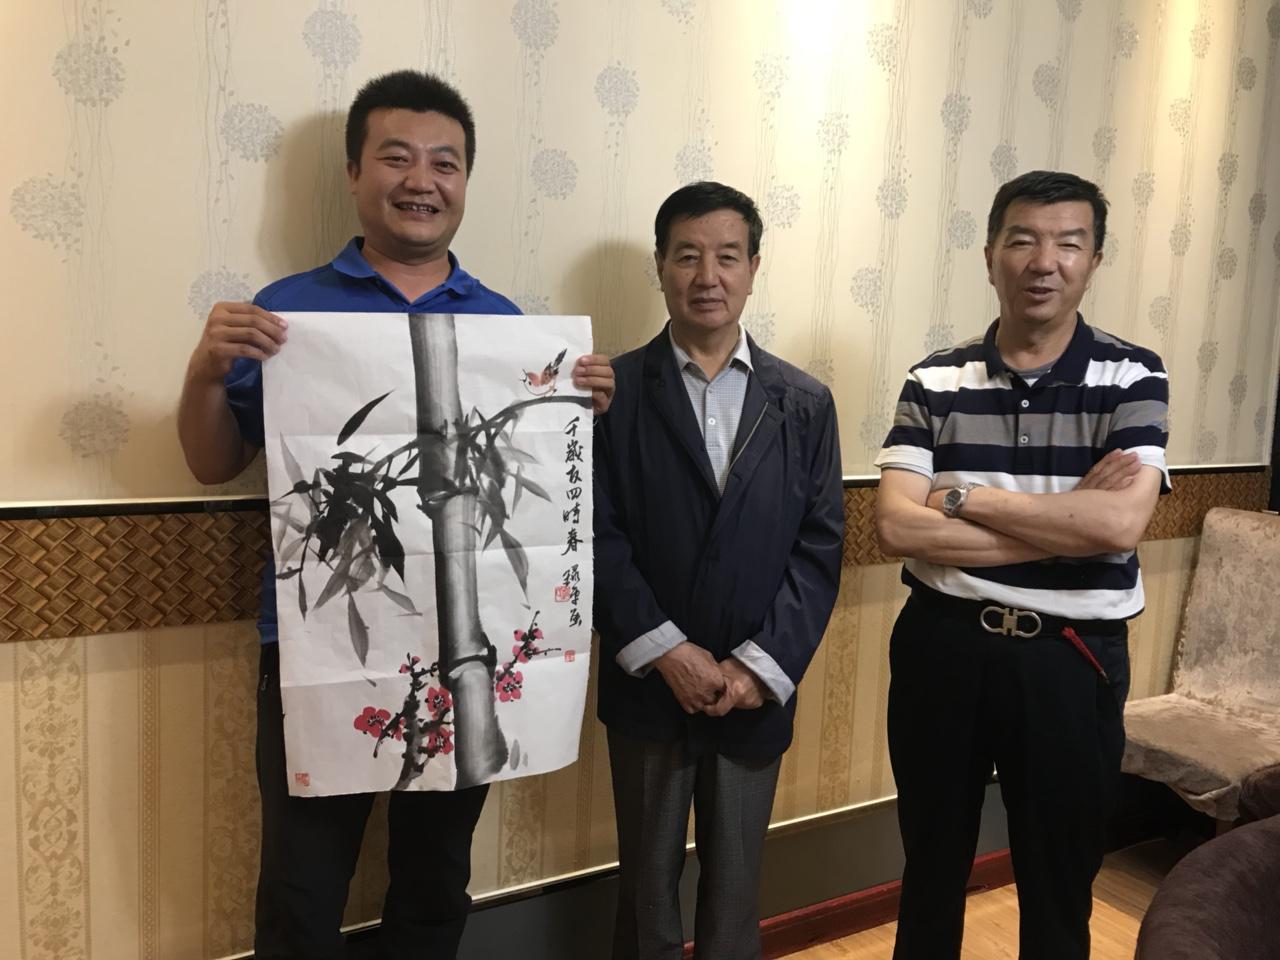 西北竹王赵录平赠送张家川在线网站书画作品